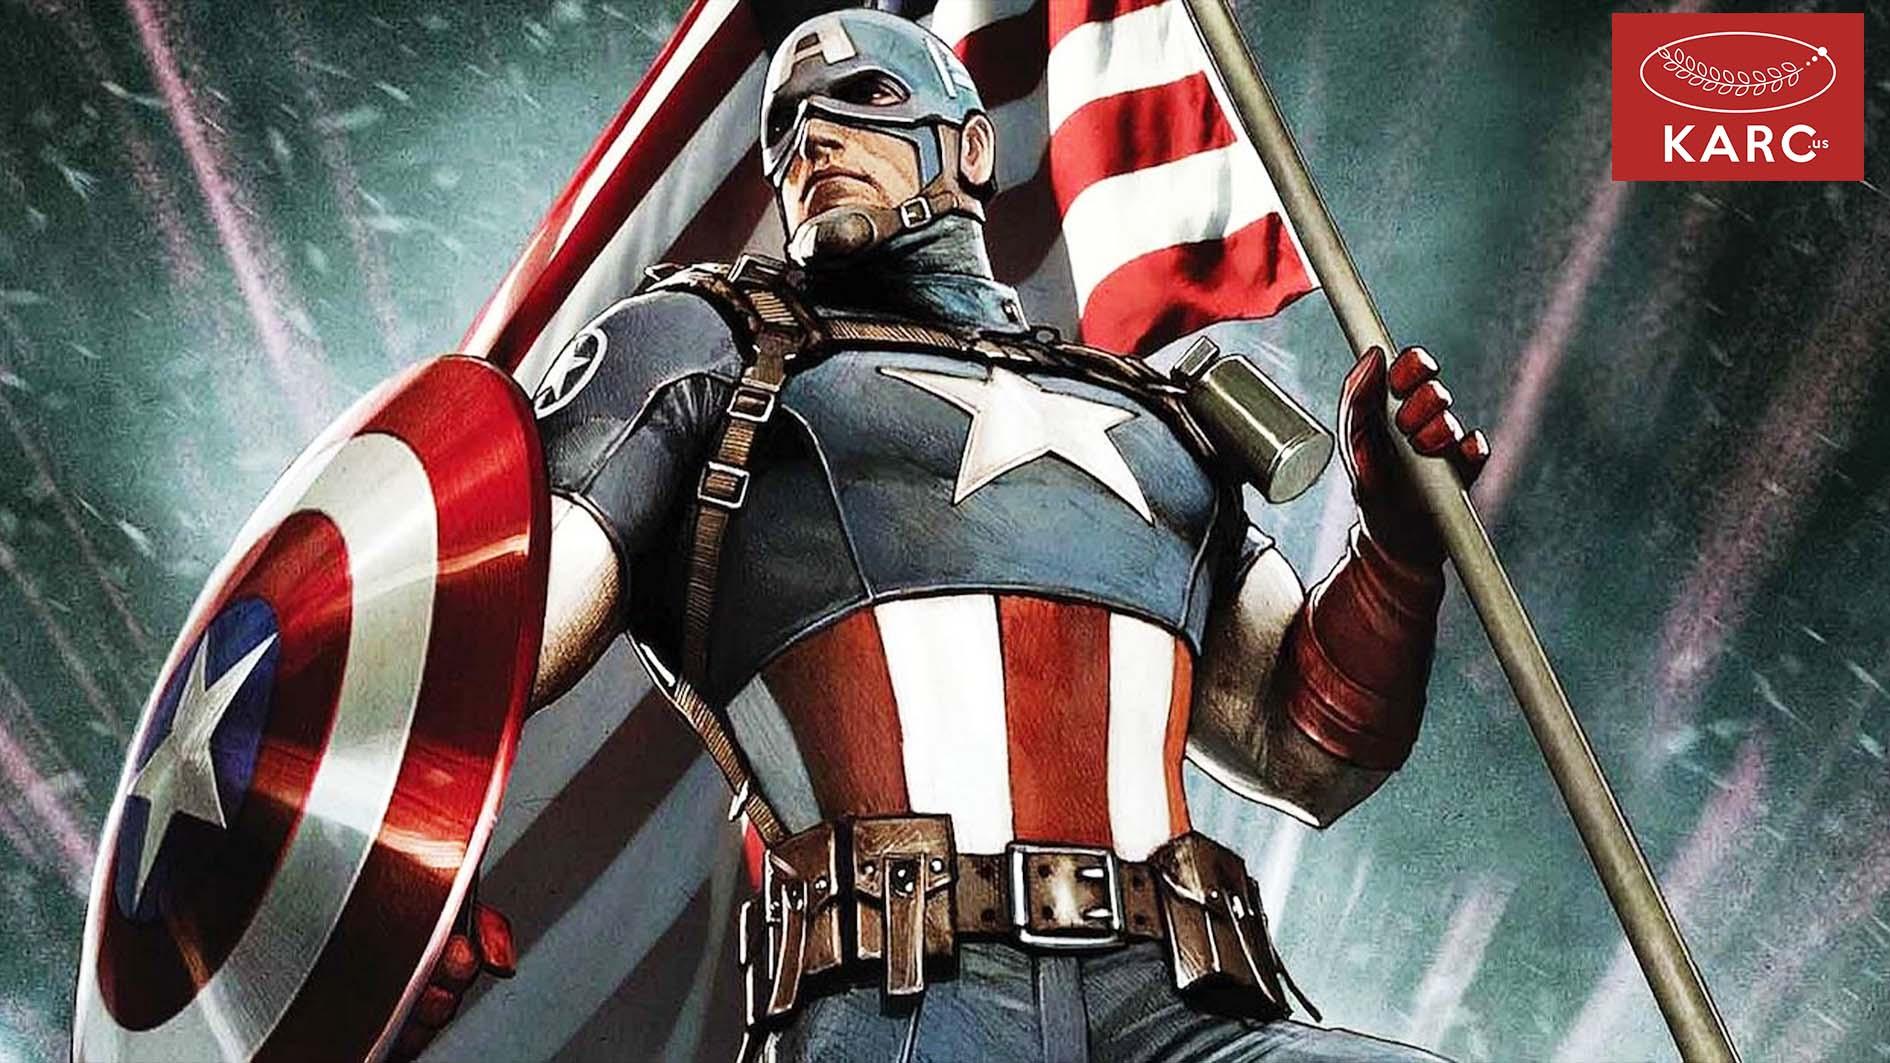 เจาะลึกชัด ๆ สาเหตุทำไม Captain America Endgame ถึงแพ้ให้กับตัวเองใน 2012 - Karc.us